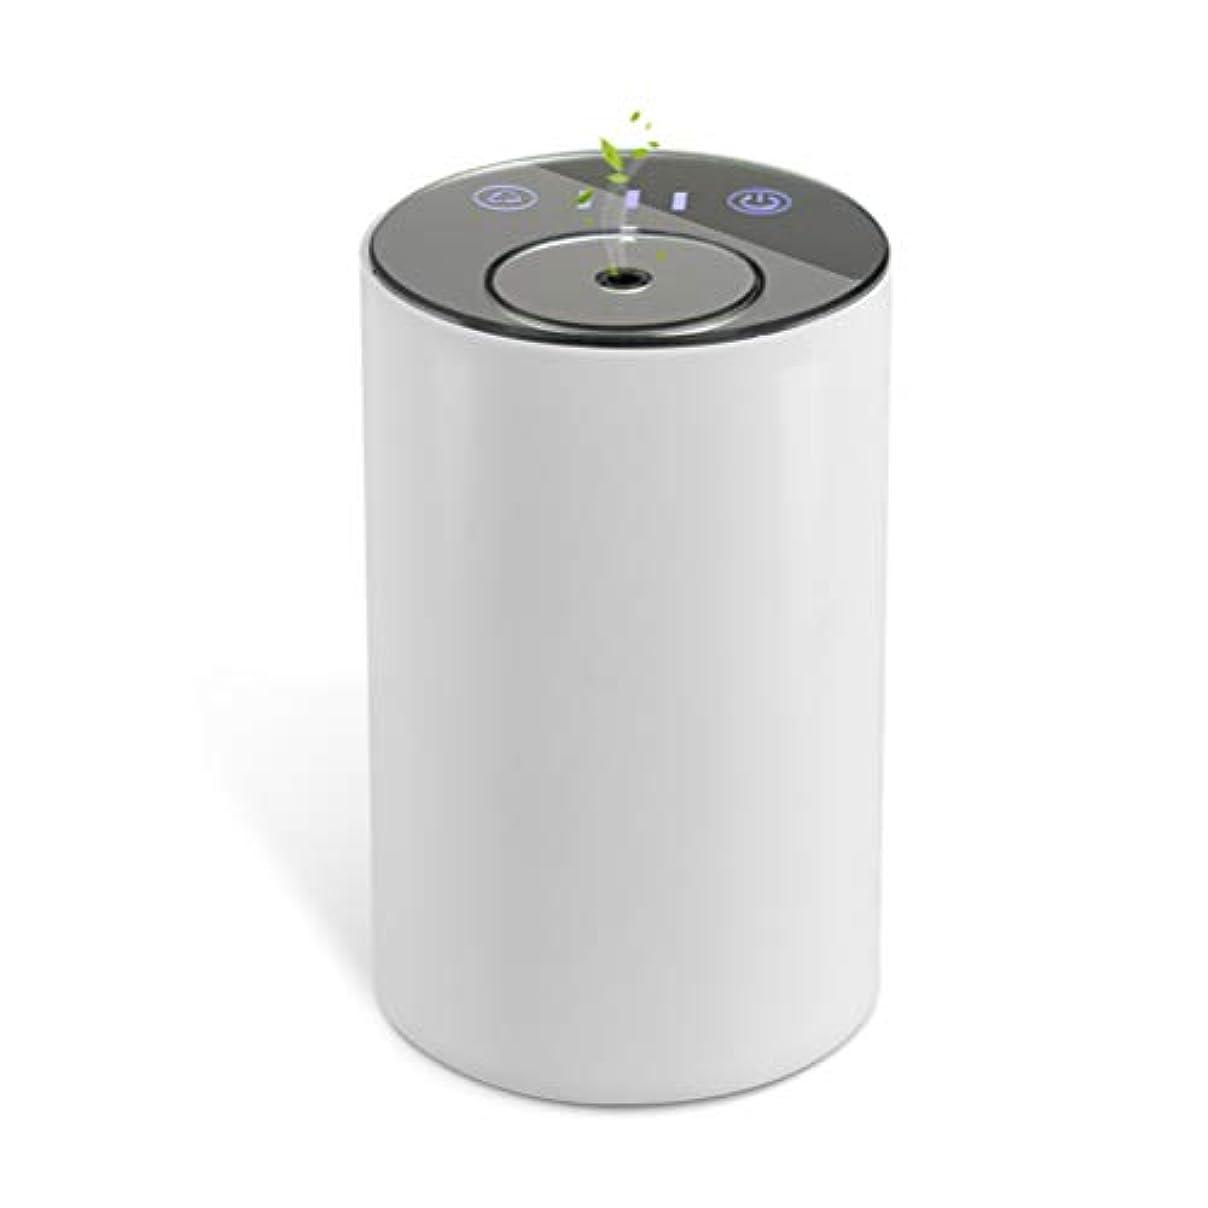 ラケット保安予防接種アロマディフューザー ネブライザー式 水なし 充電式 静音 噴霧 ミスト量調整可 タイマー機能 車用 エッセンシャルオイルの節約